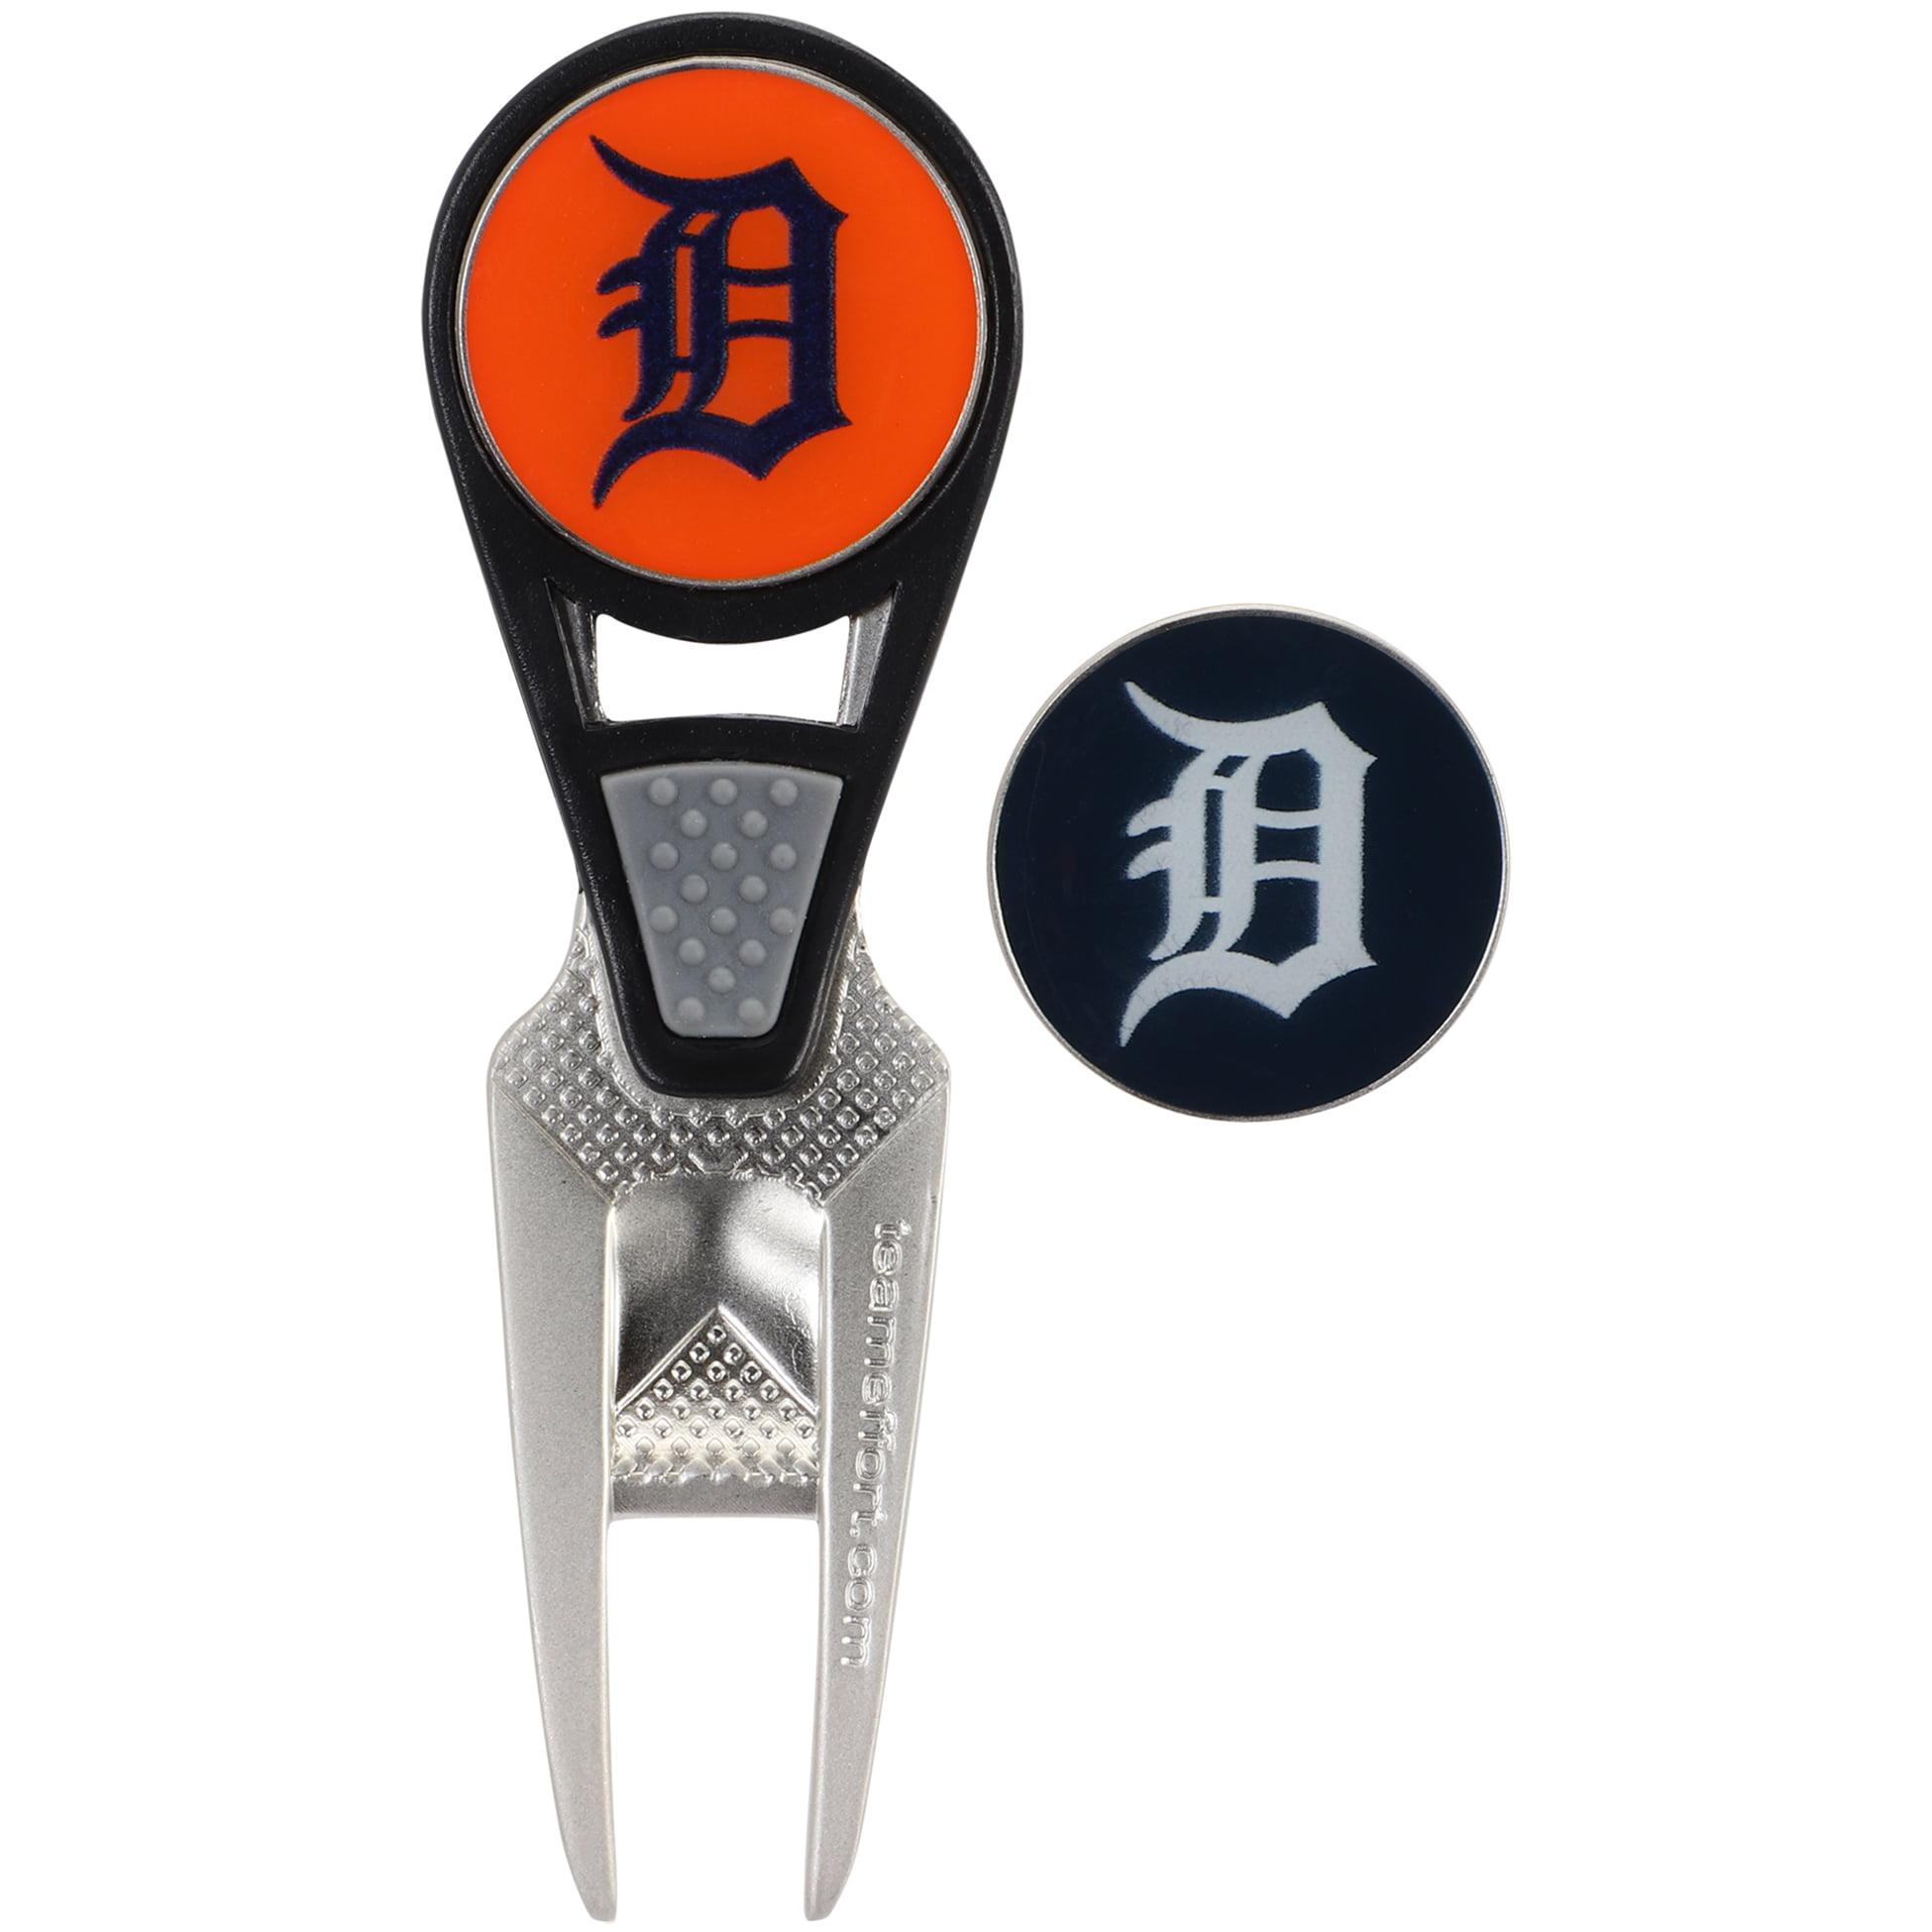 Detroit Tigers CVX Repair Tool & Ball Markers Set - No Size